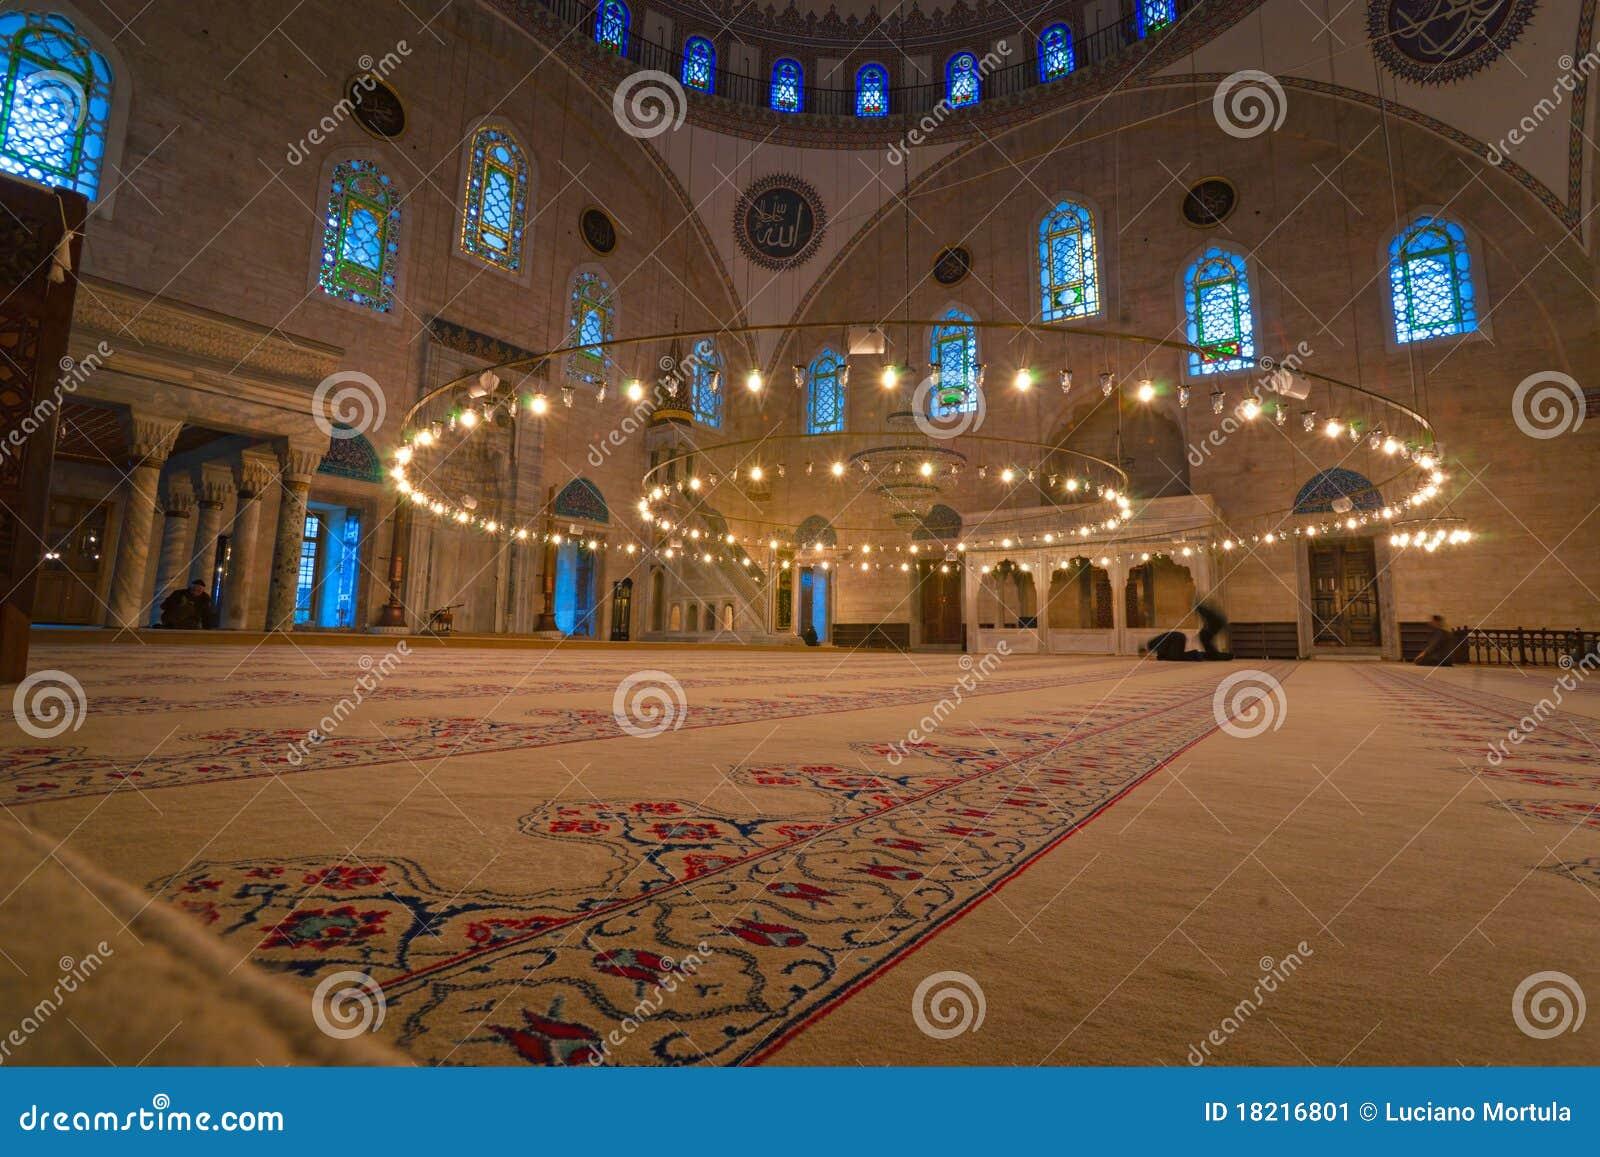 Moschea di Hagia Sophia, Costantinopoli, Turchia.